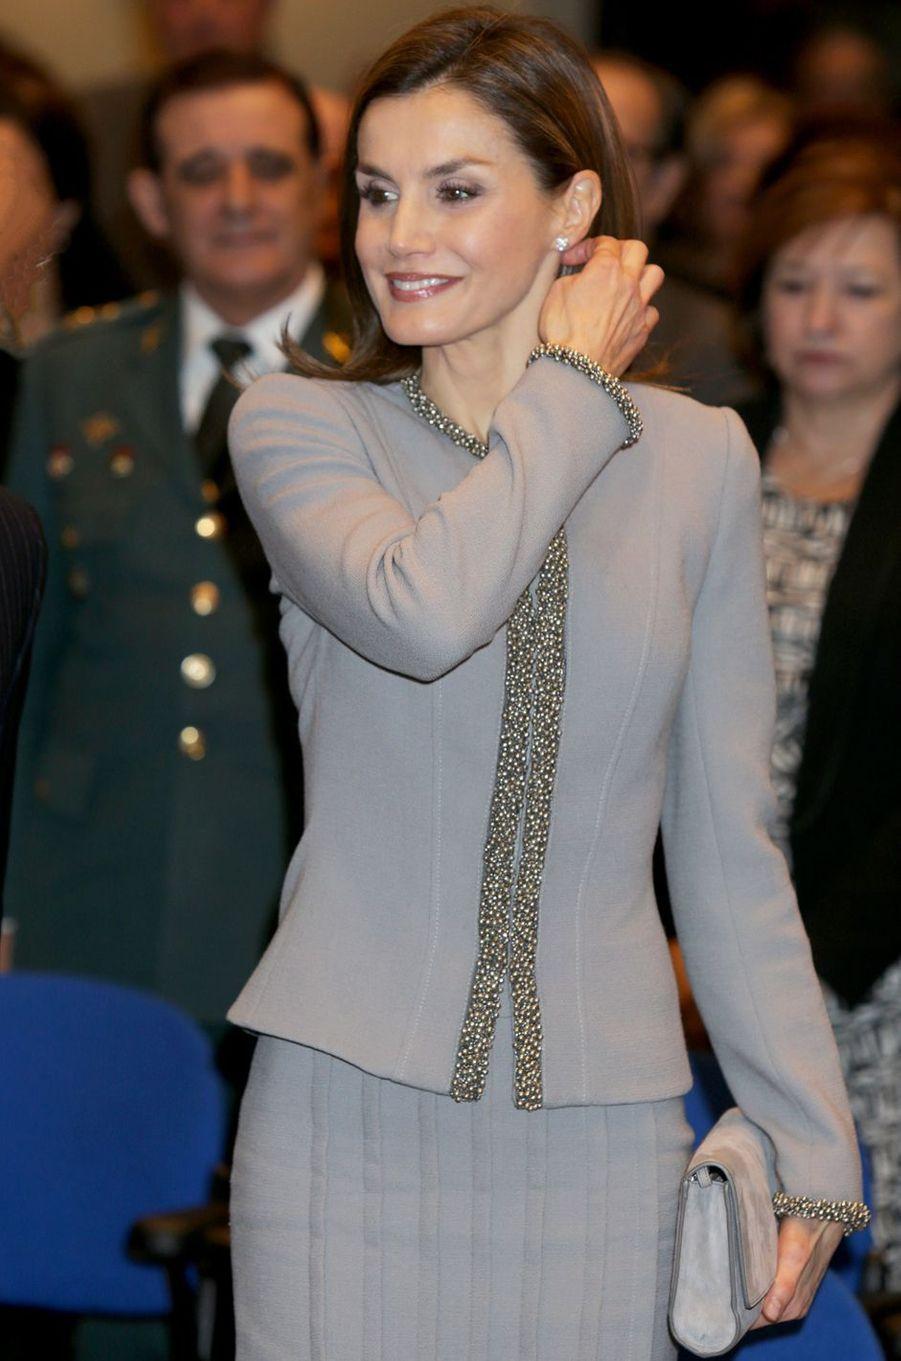 La reine Letizia d'Espagne au Museo Casa de la Moneda (musée de la Monnaie) à Madrid, le 20 janvier 2017